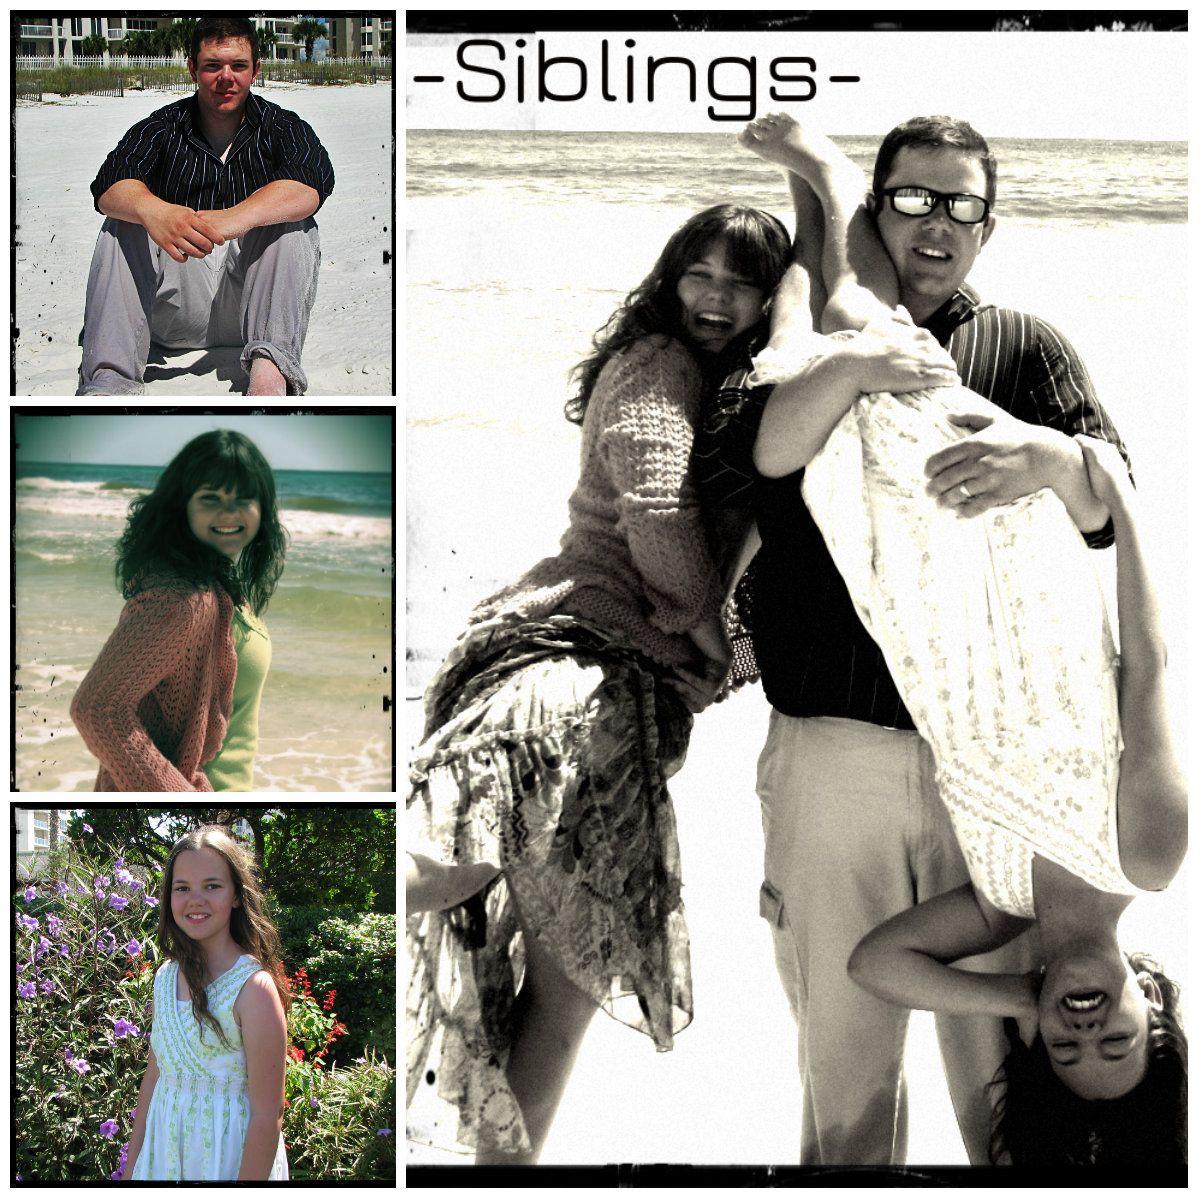 Me and my Siblings